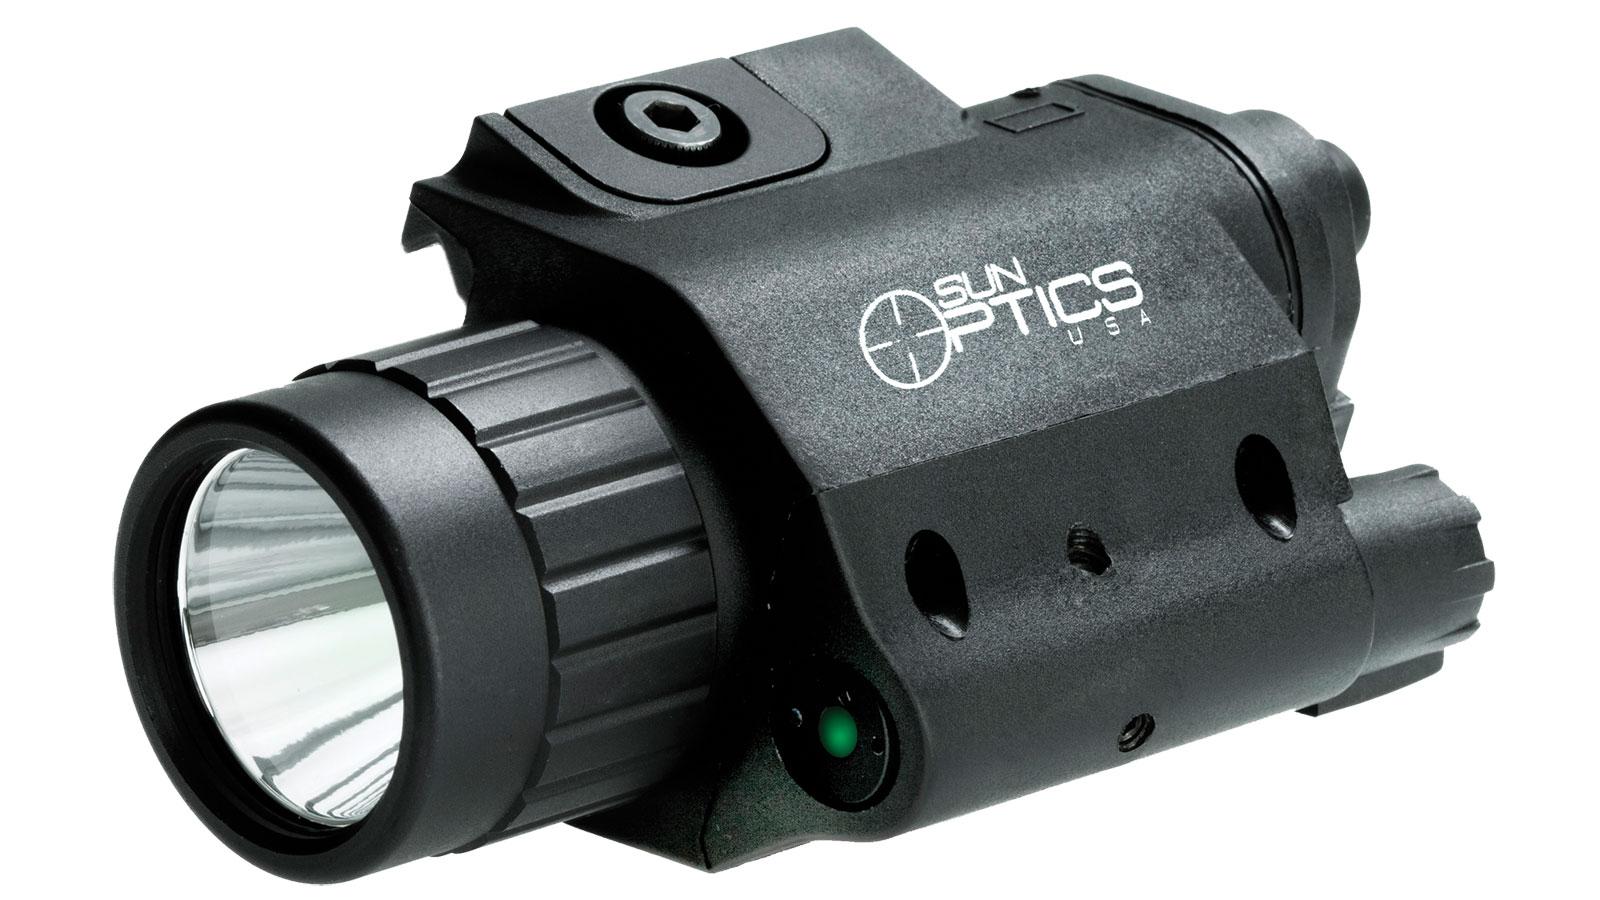 Sun Optics Laser|Light Combo